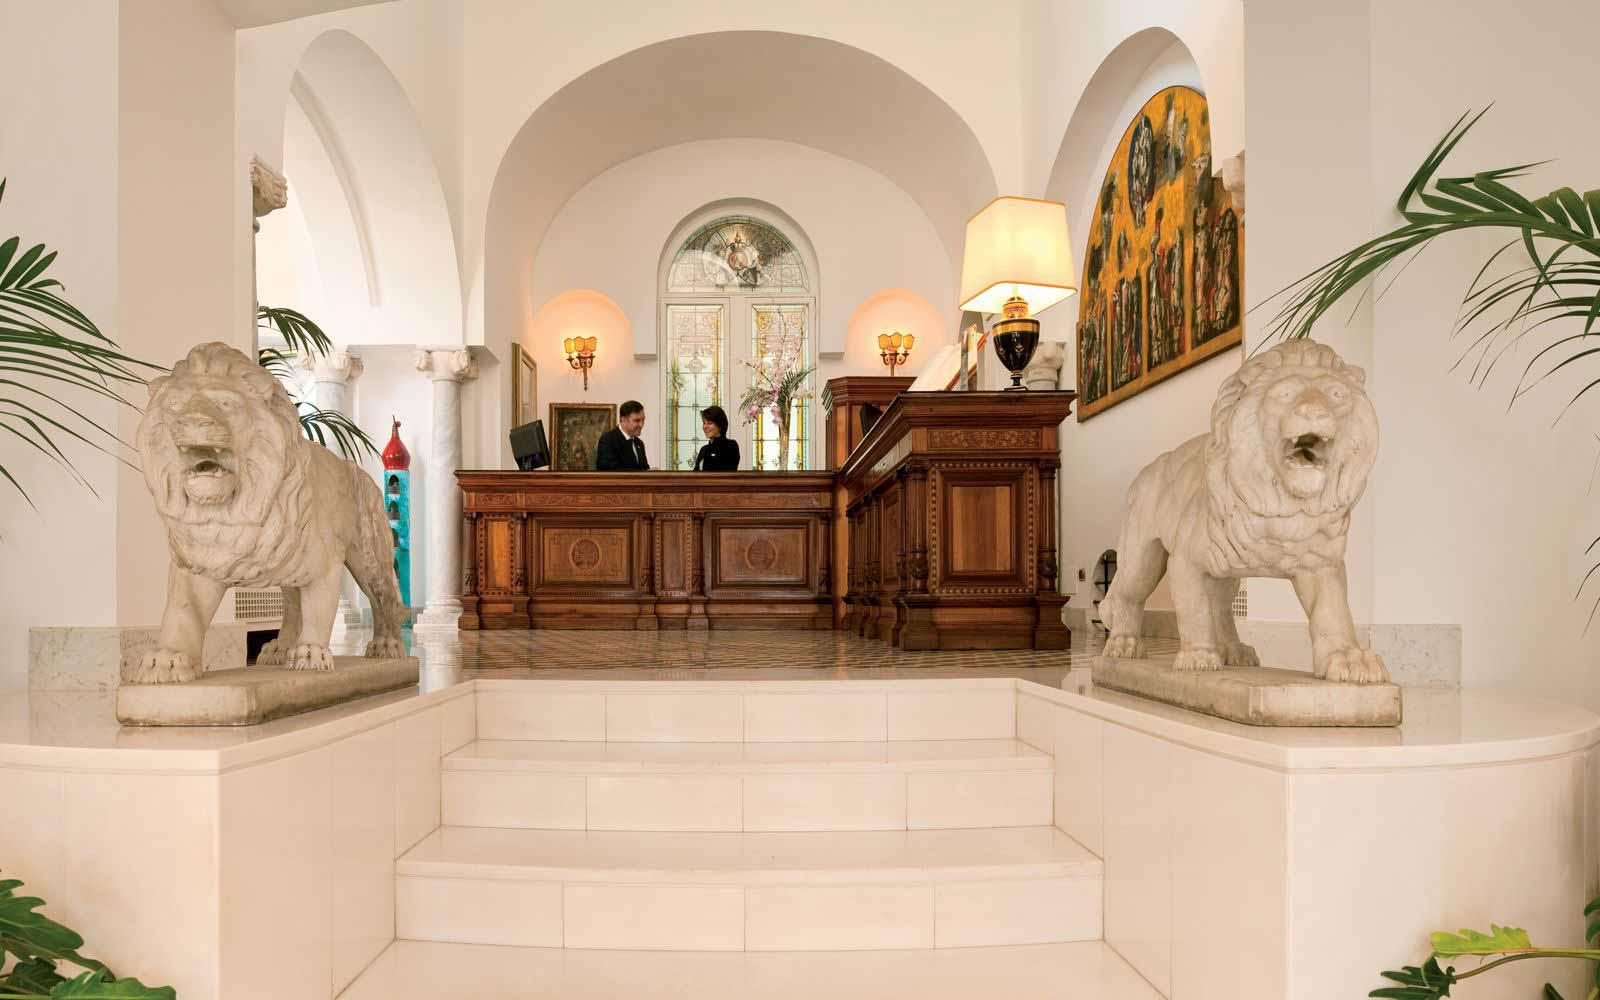 Reception at Palazzo Avino